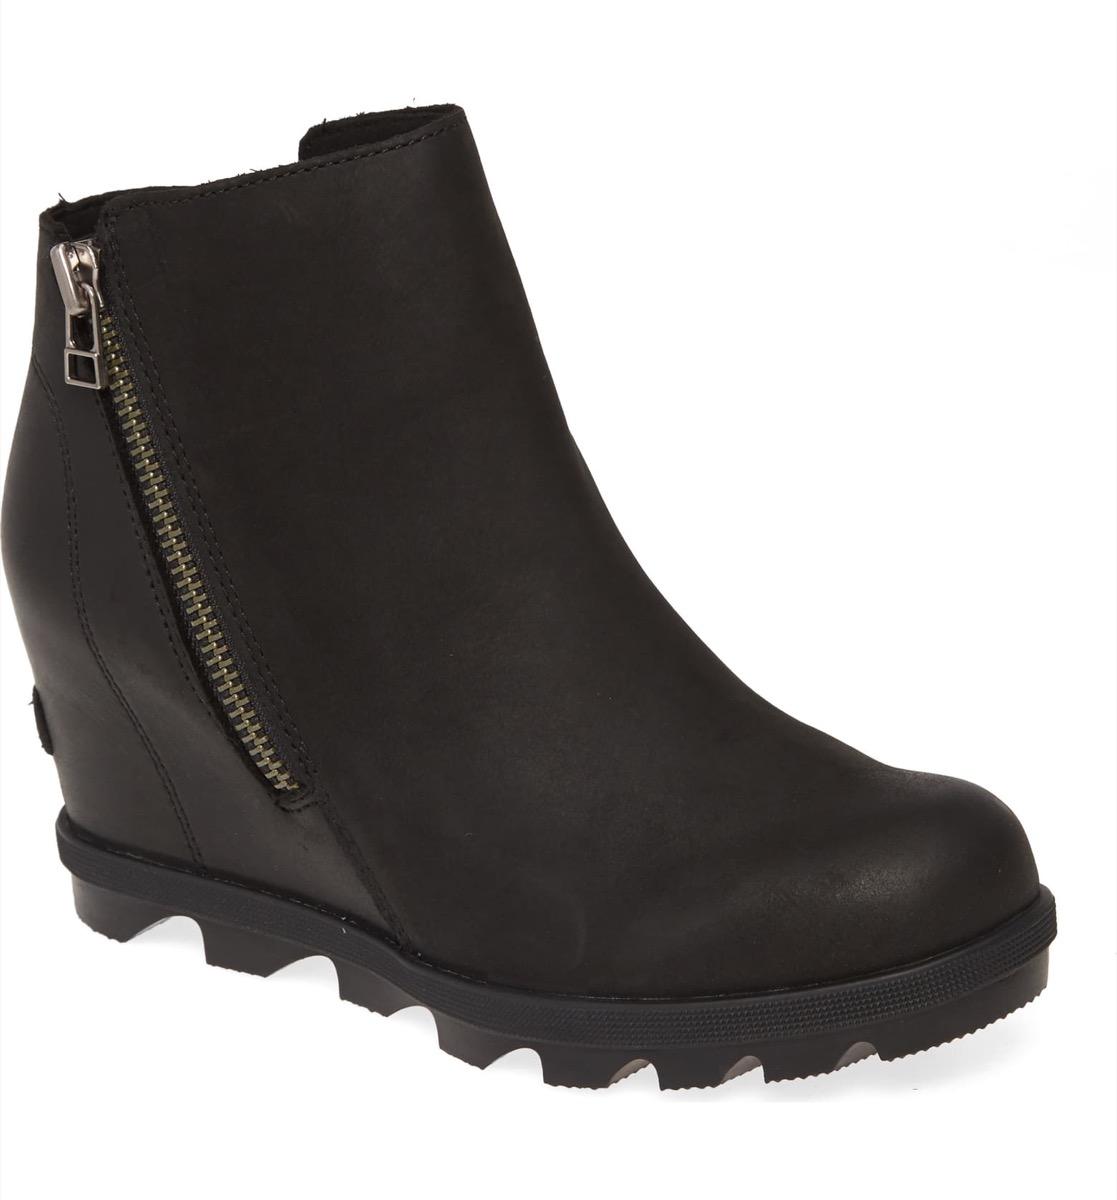 black zip up booties